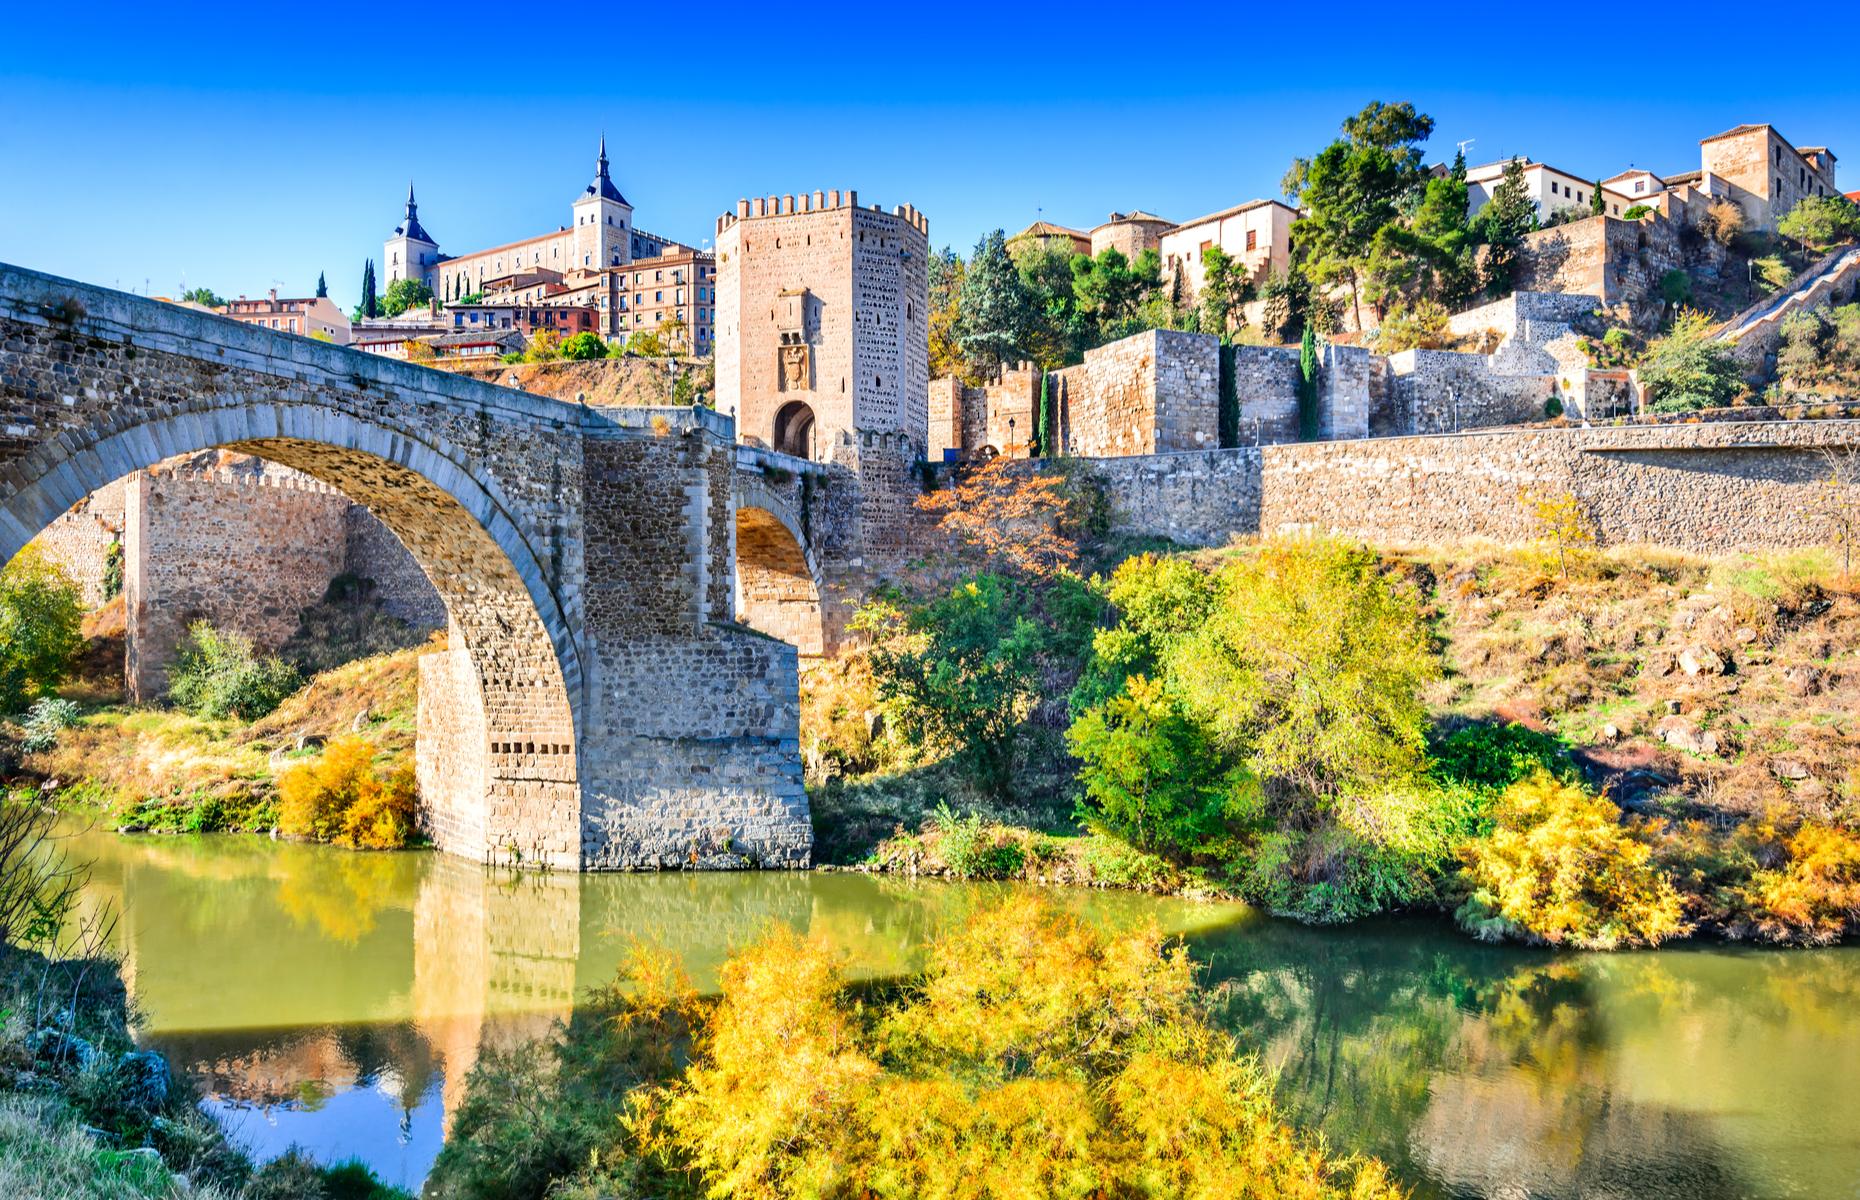 Tragus River, Toledo